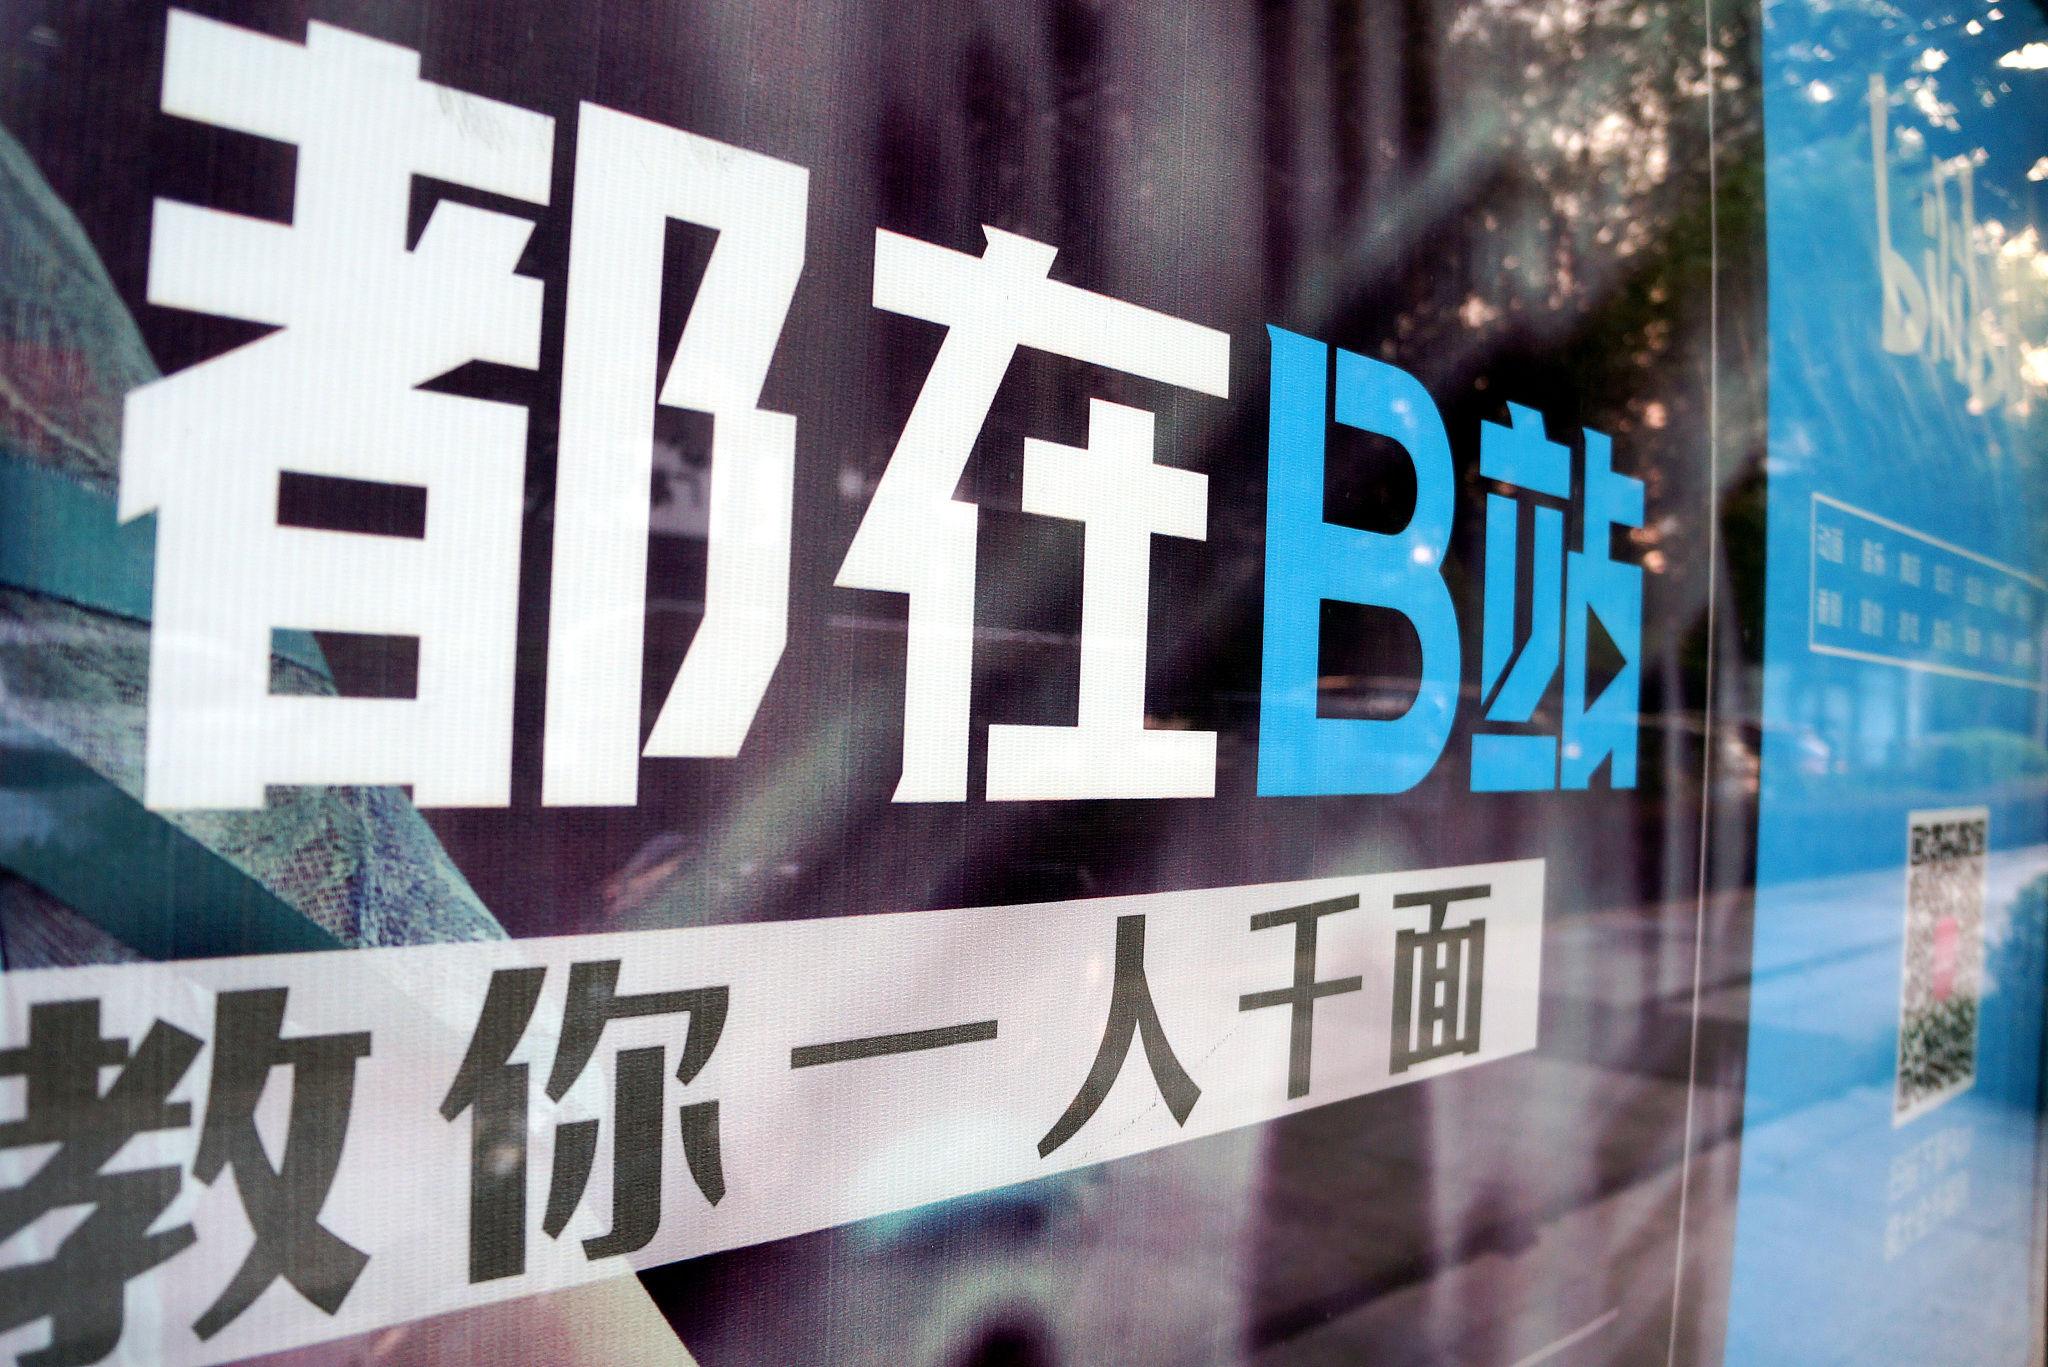 天辰平台指定注册提前 5 个月完成年度目标,B 站的新用户从哪来